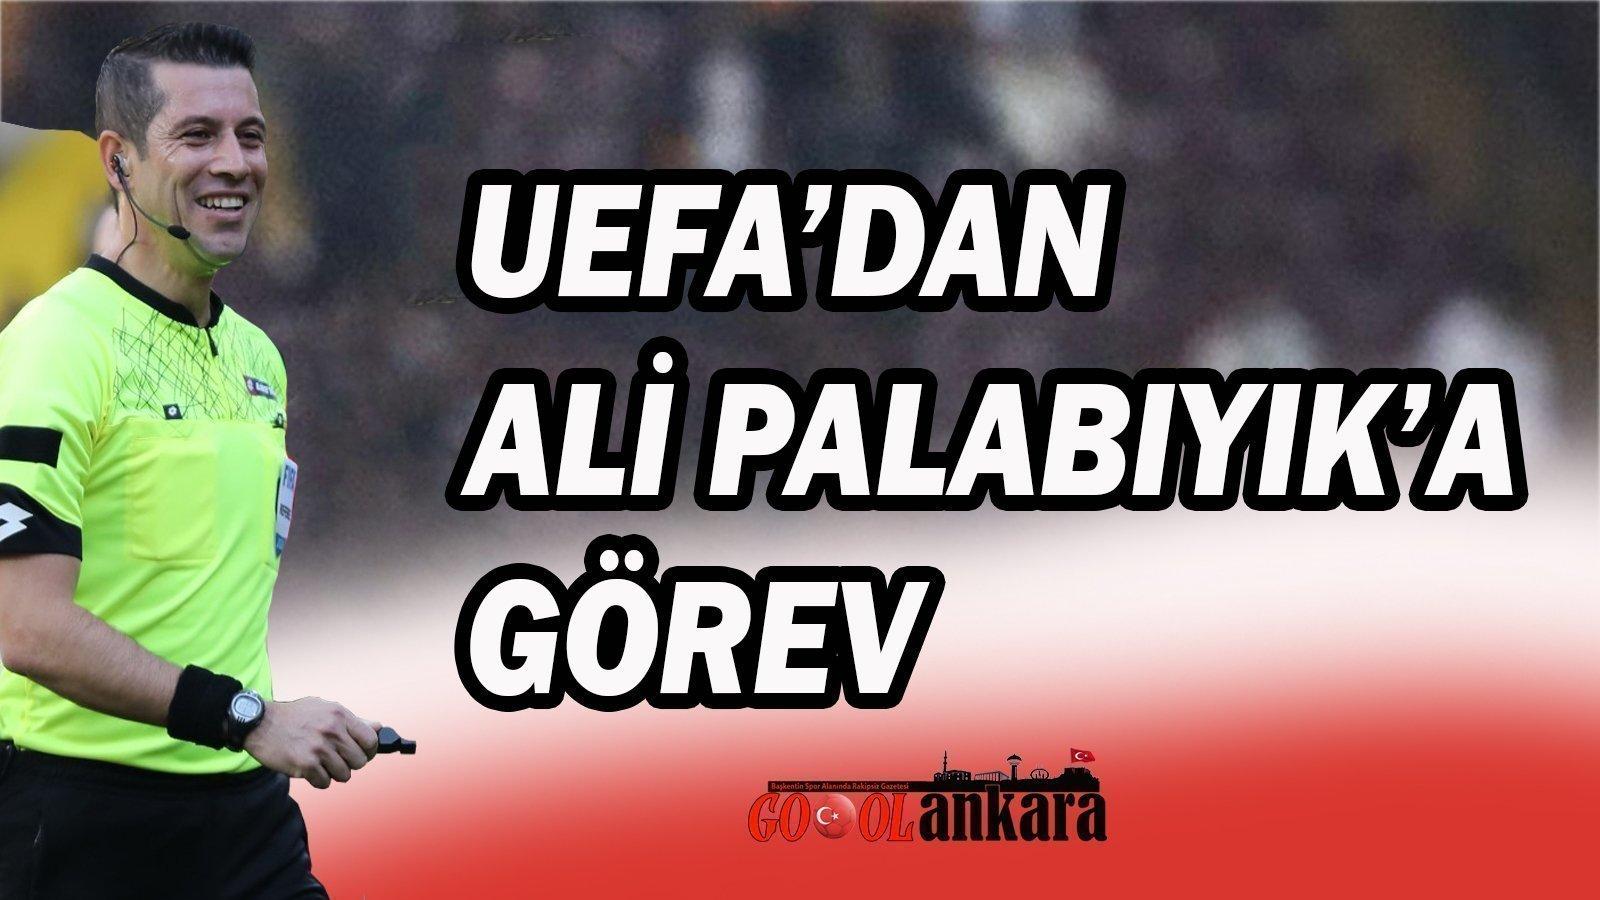 UEFA'DAN ALİ PALABIYIK'A GÖREV